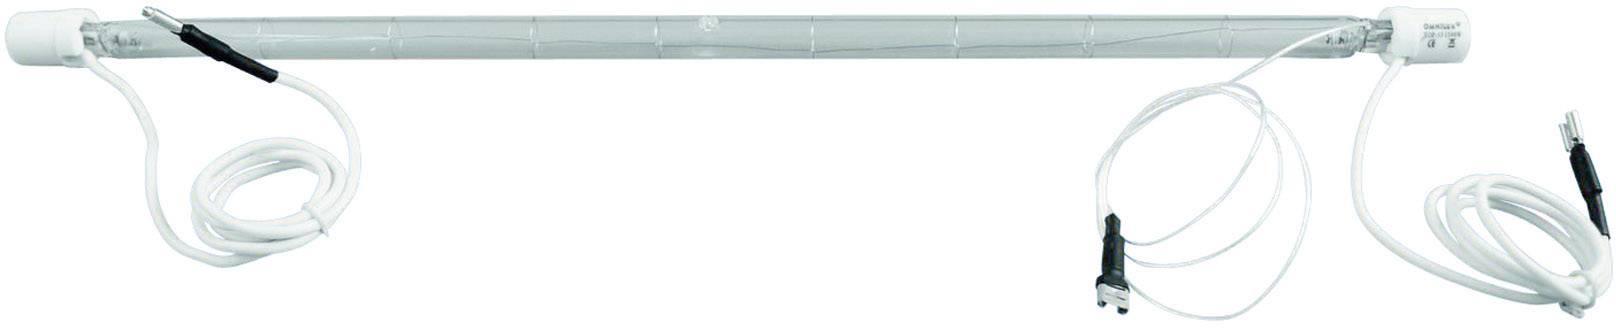 Náhradná záblesková výbojka, 1500 W